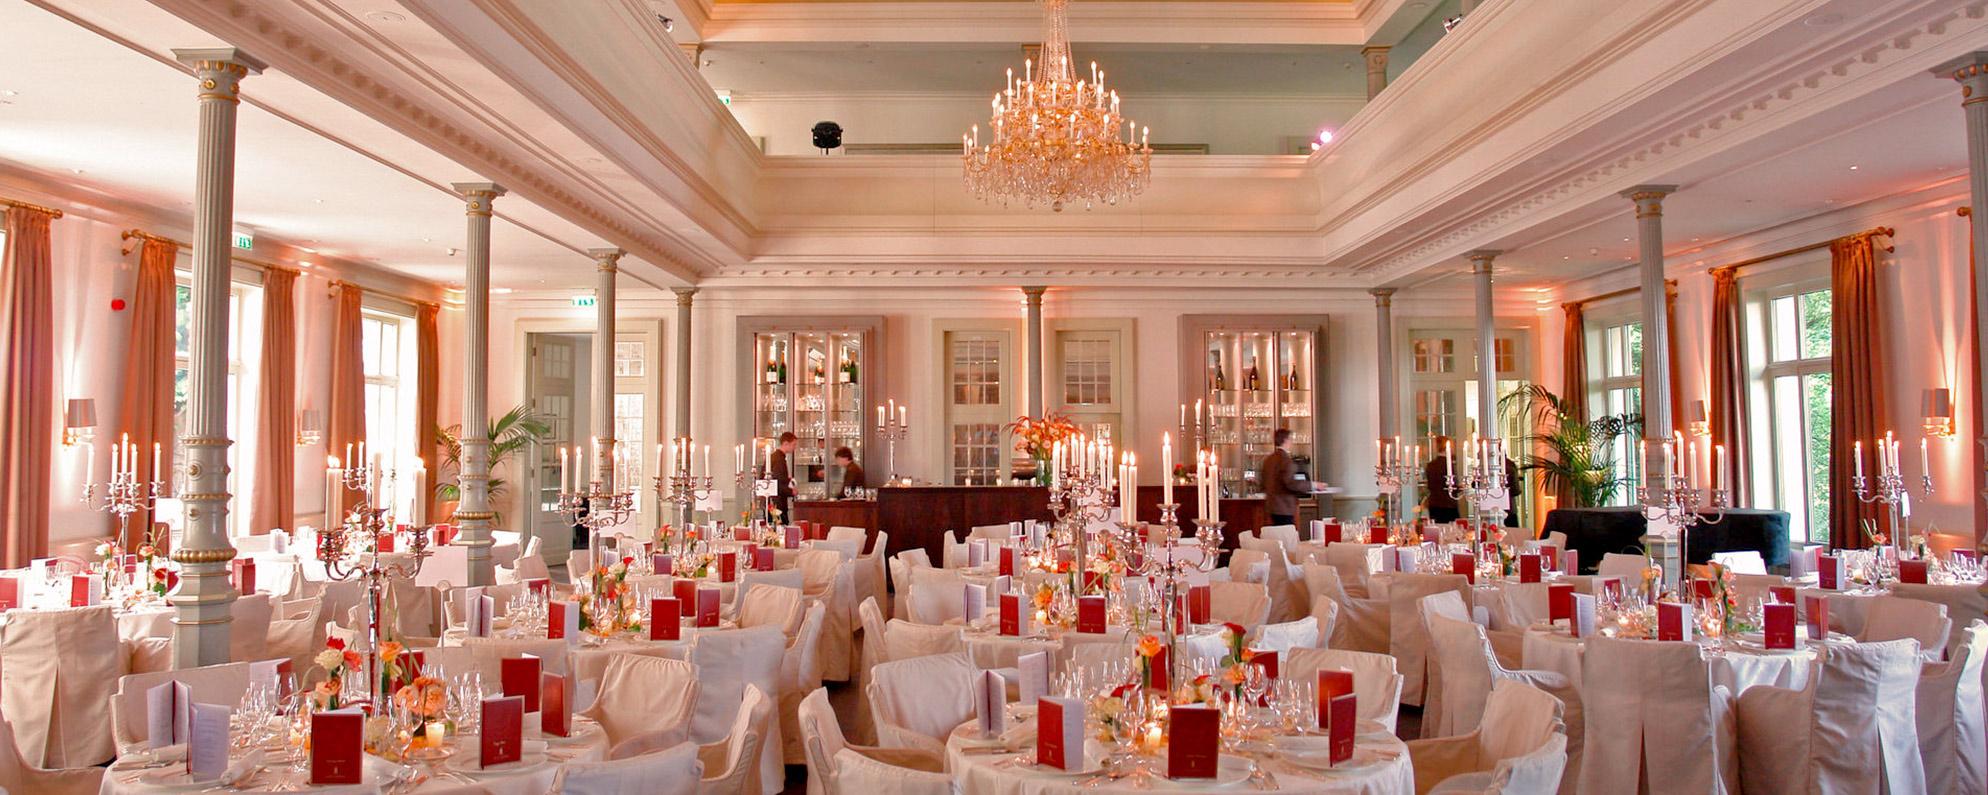 Geburtstagslocation Ballsaal